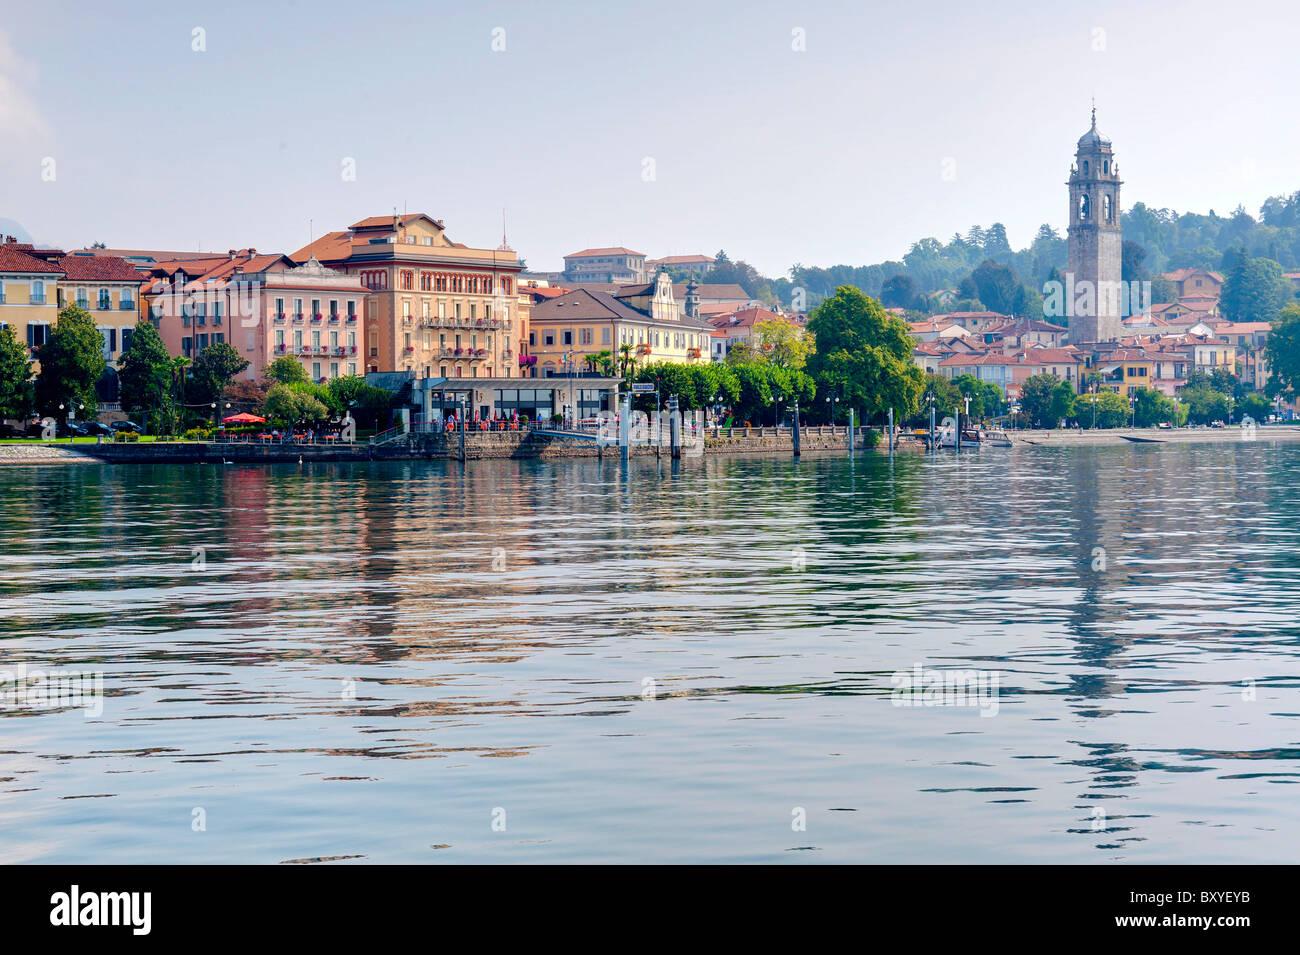 The town Pallanza Lake Maggiore Italy - Stock Image